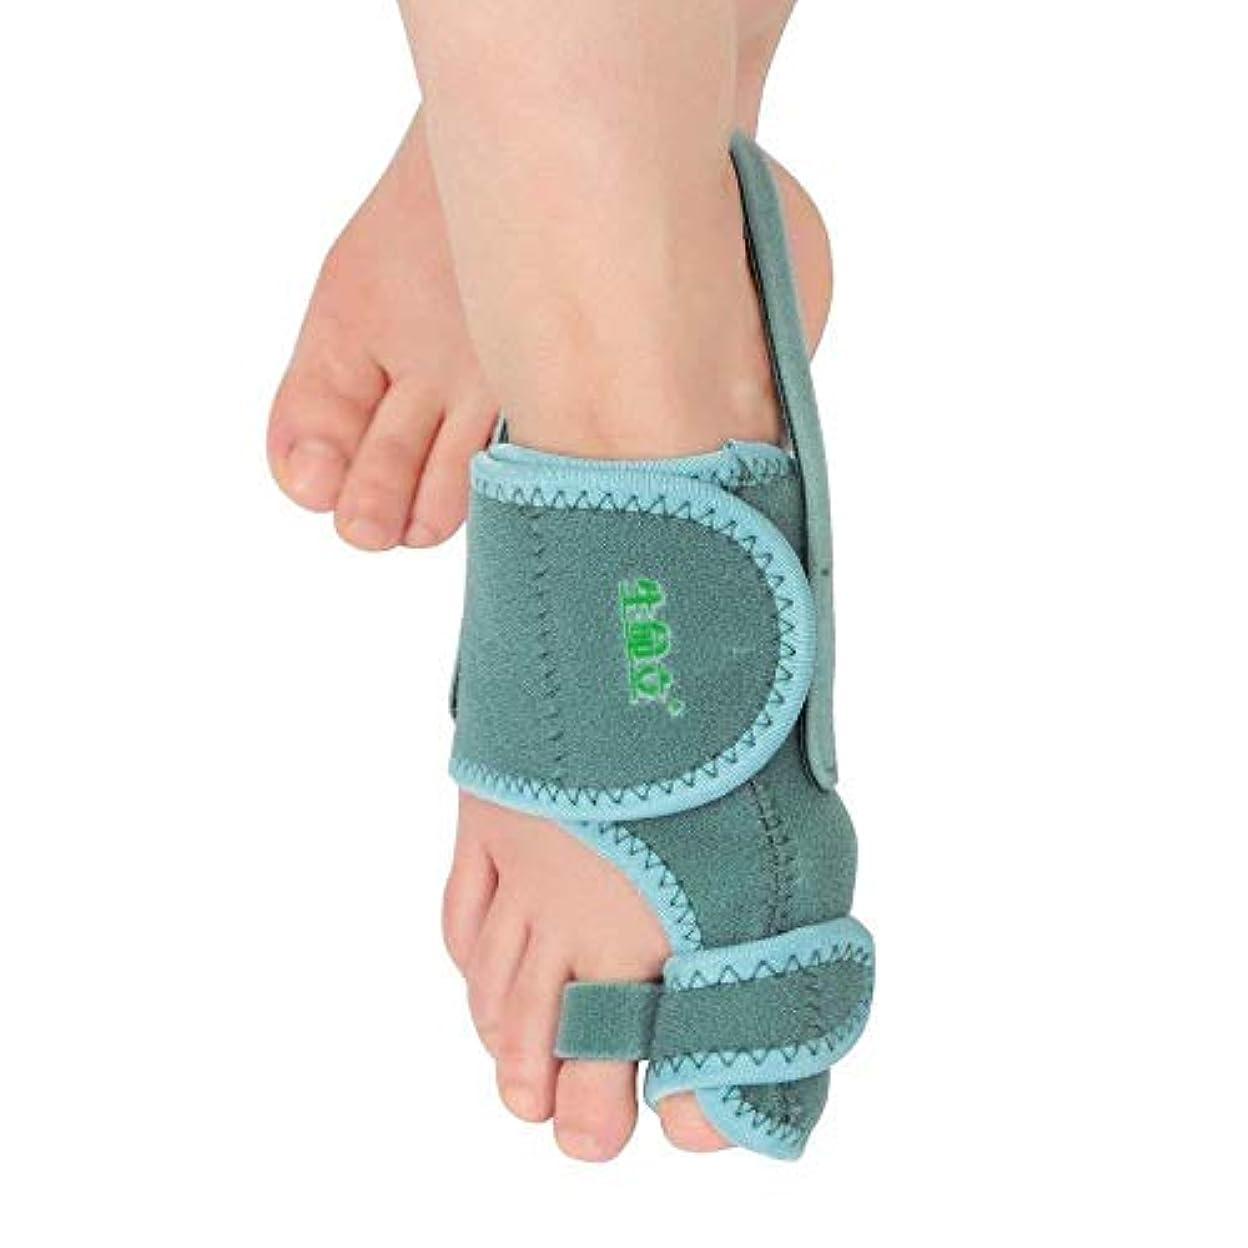 ラダ死ぬ批判外反母ortho装具、女性と男性の足の親指の矯正用セパレーターの腱膜瘤緩和のための夜間親指つま先外反,Left Foot